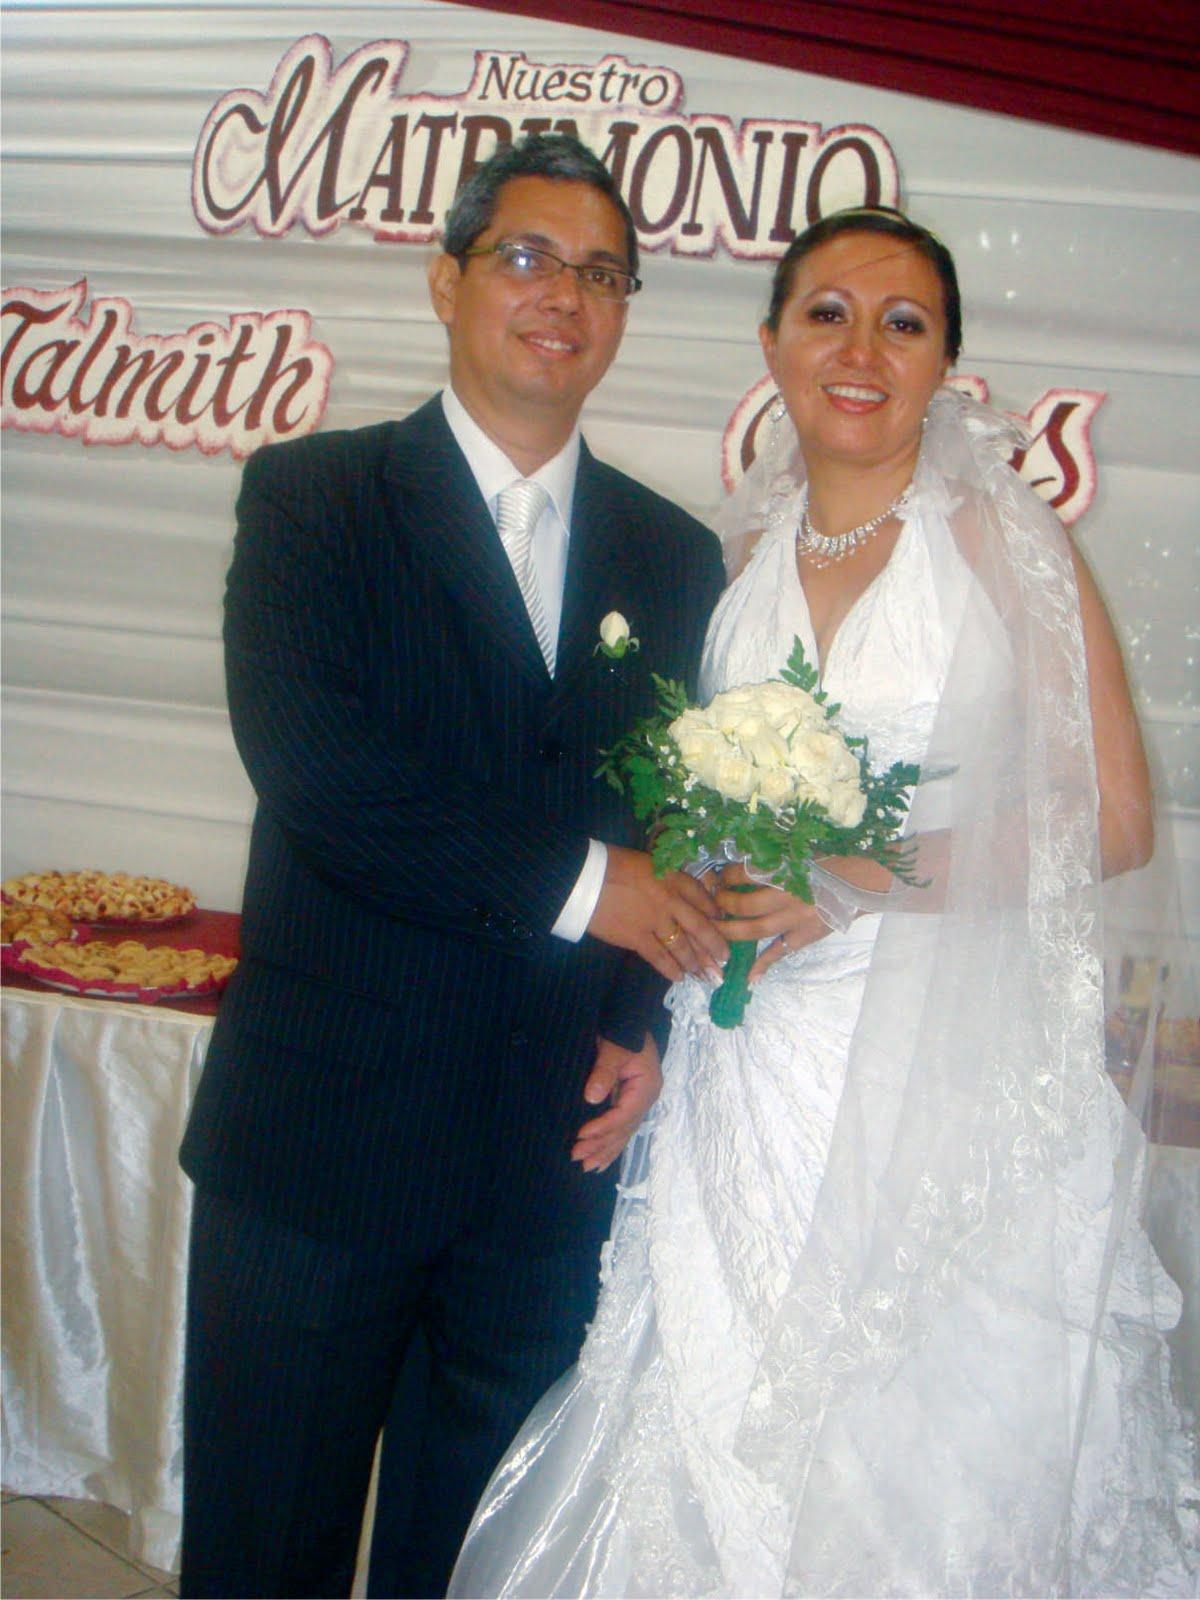 http://4.bp.blogspot.com/-zujnqP4wTvI/TZlZmjqCFKI/AAAAAAAAAXM/oj8V1XQbEqs/s1600/carlos%2Bquevedo.jpg